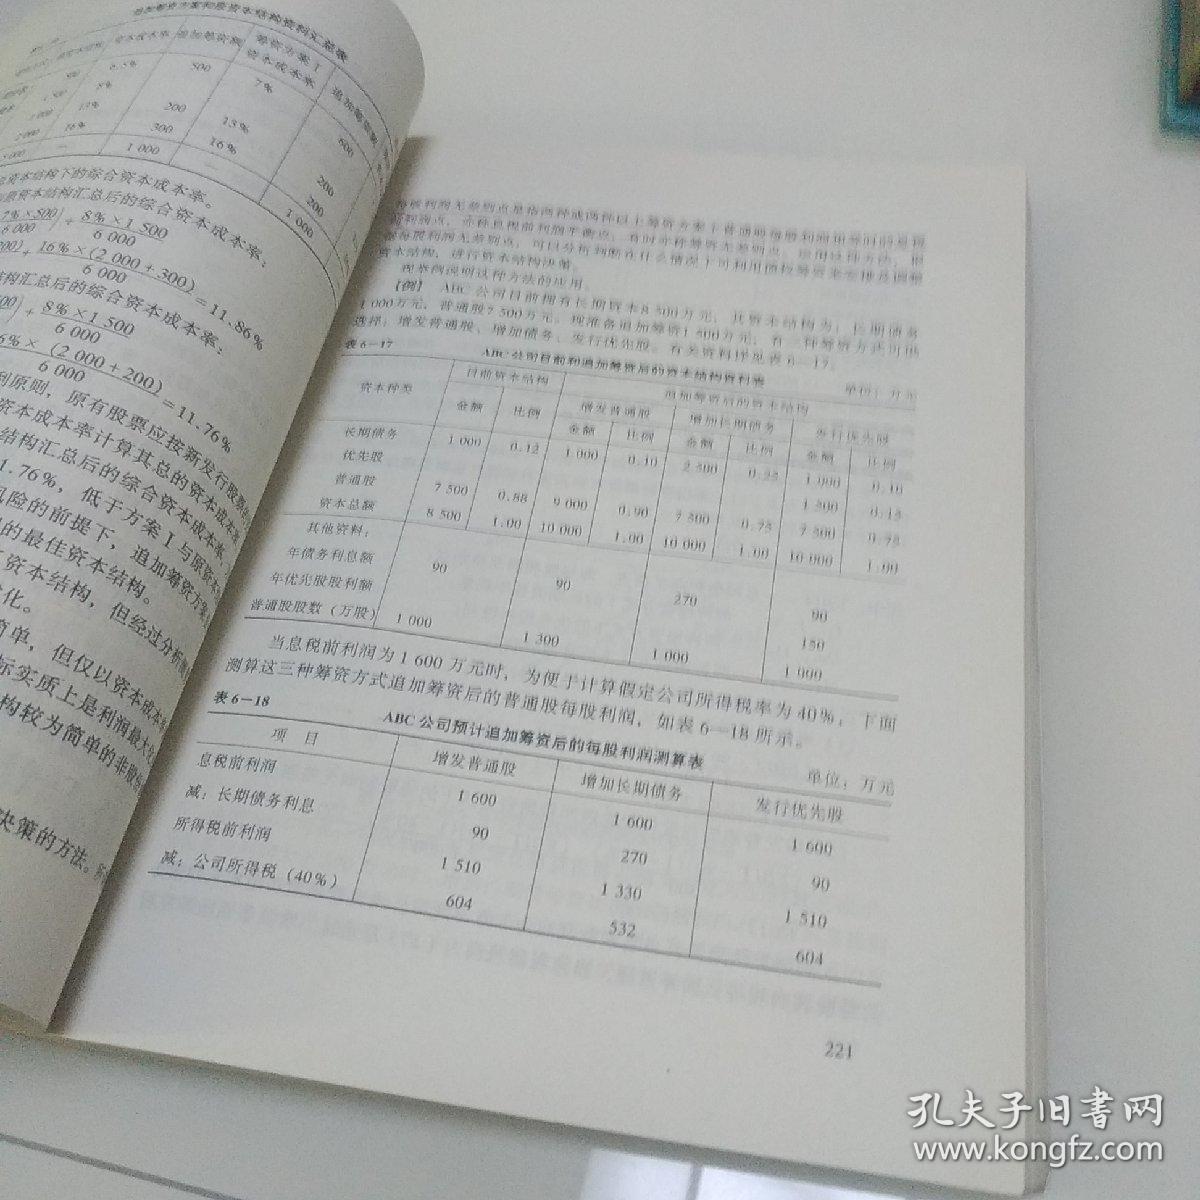 管理毛笔字免抠素材下载-正版素材401152035-摄图网